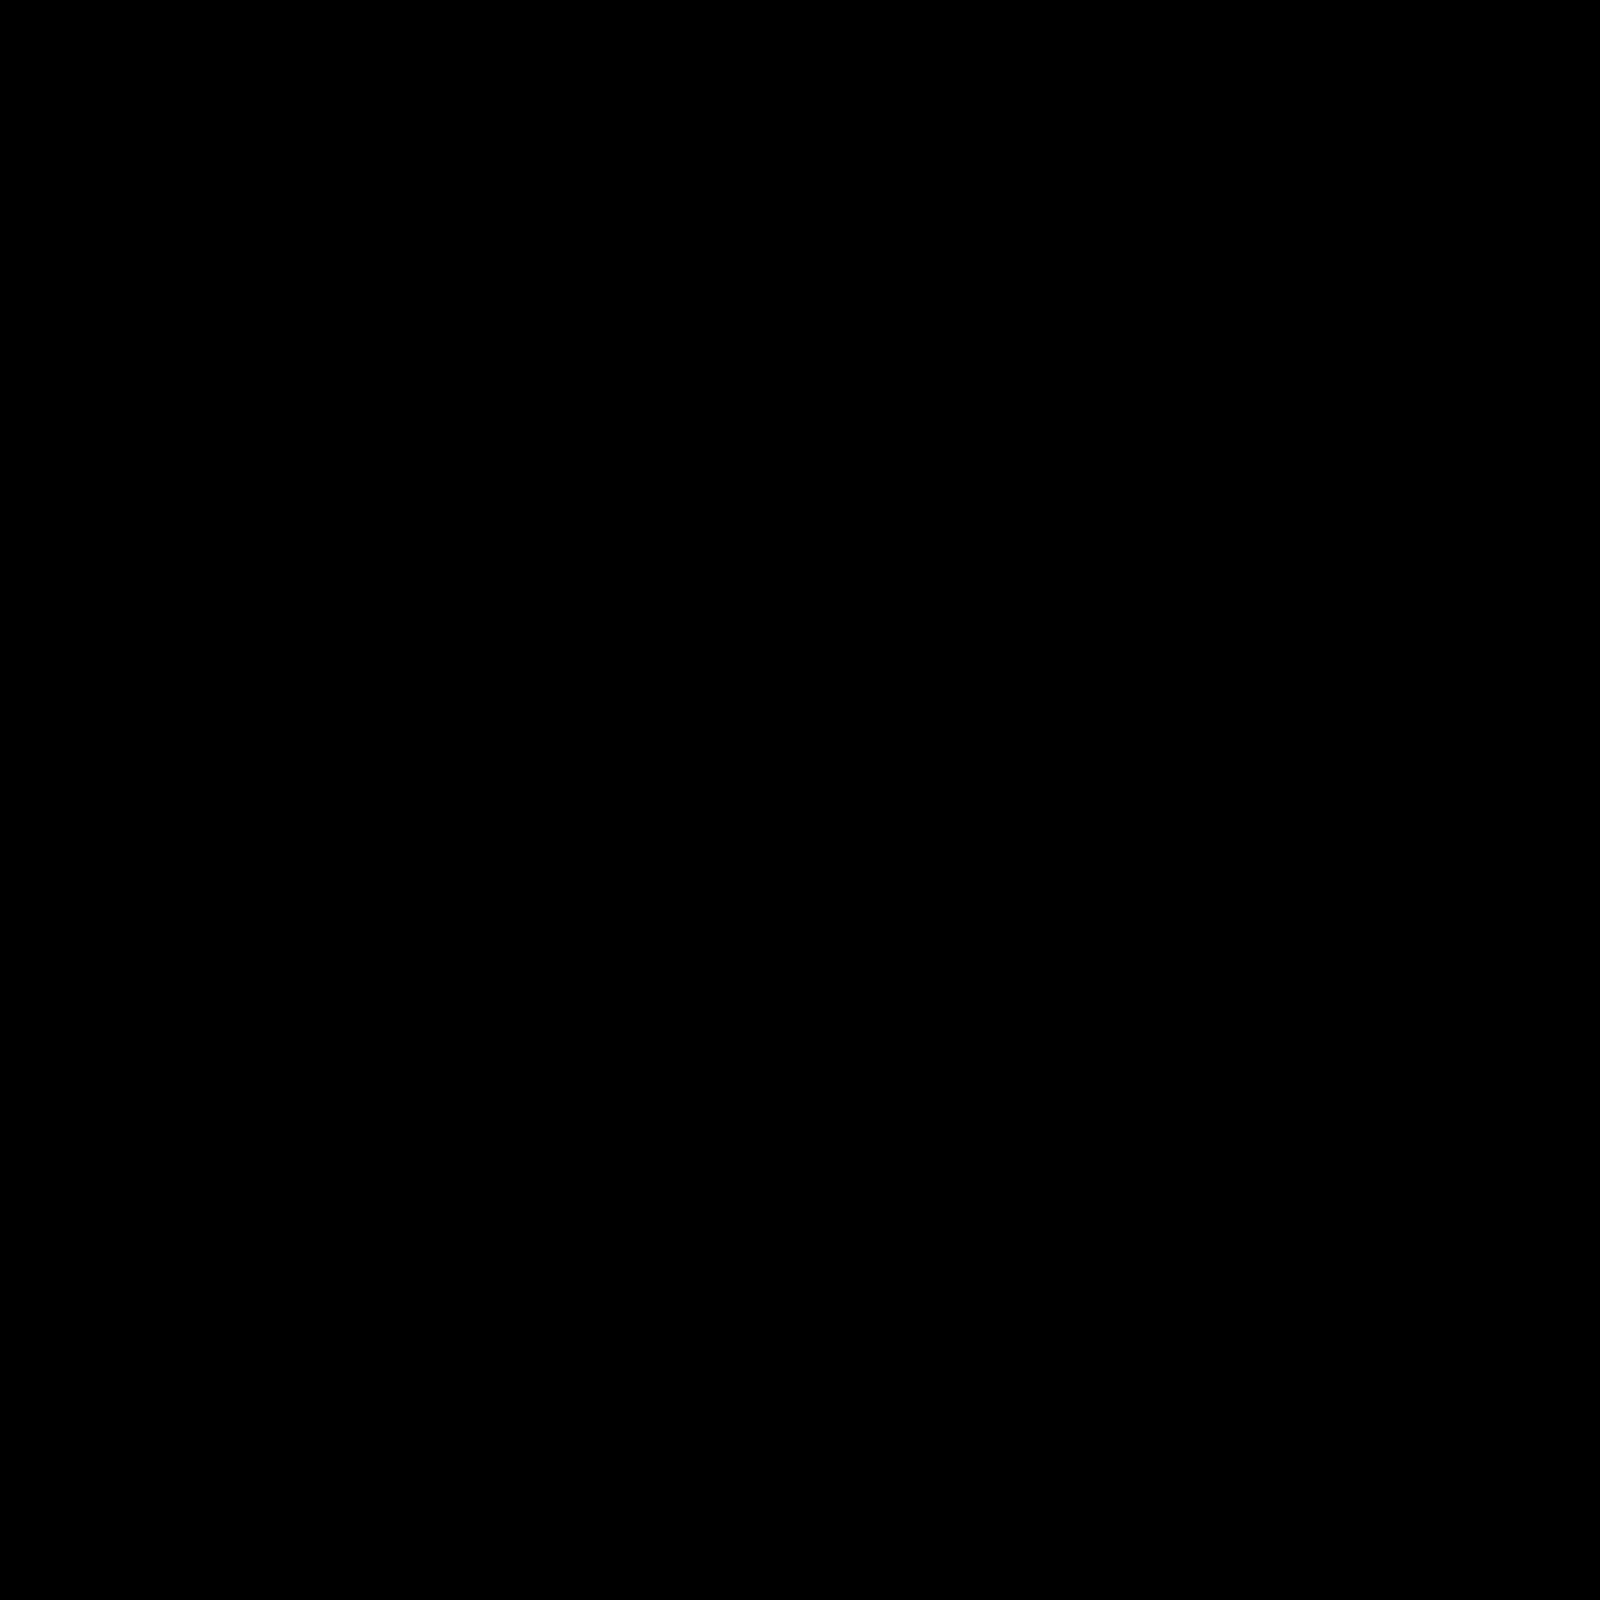 烟花 icon